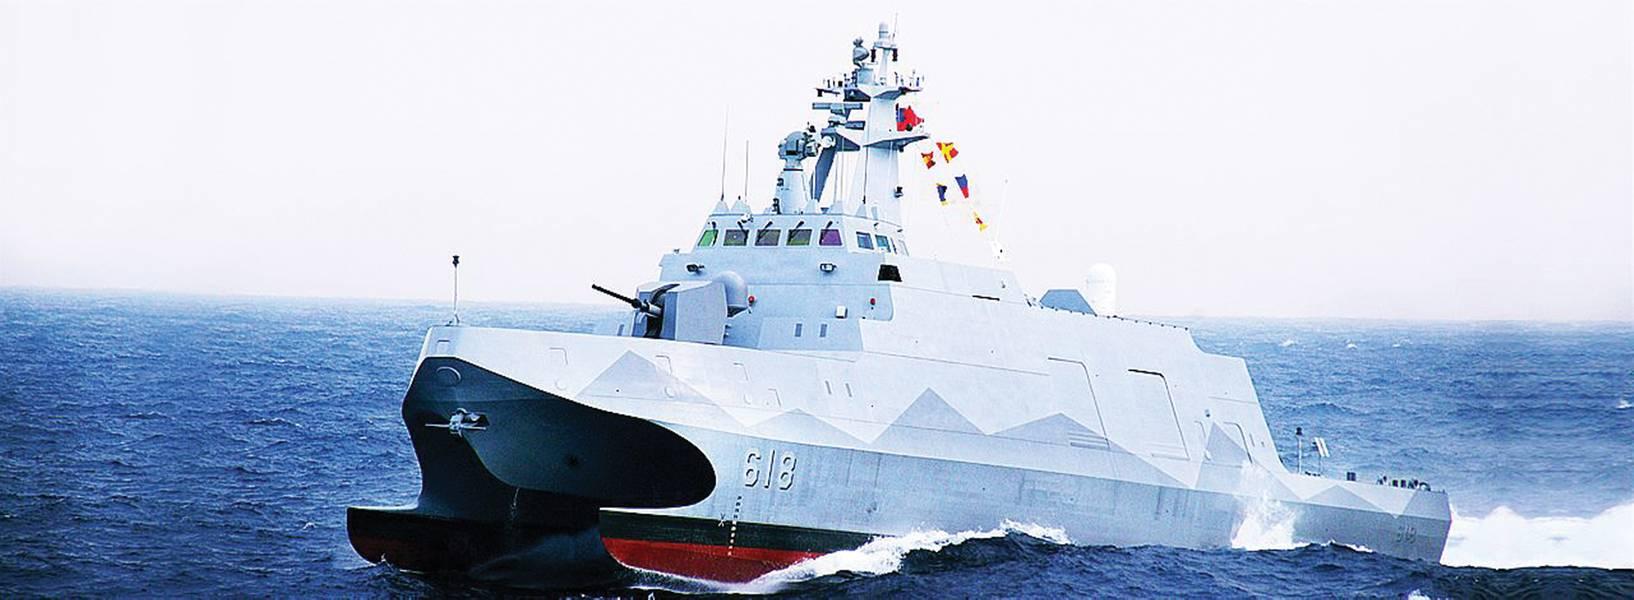 O primeiro ROCS Tuo Chiang (PG 618) é o primeiro de uma classe de corvetas stealth multi-missão. (Foto ROCN)